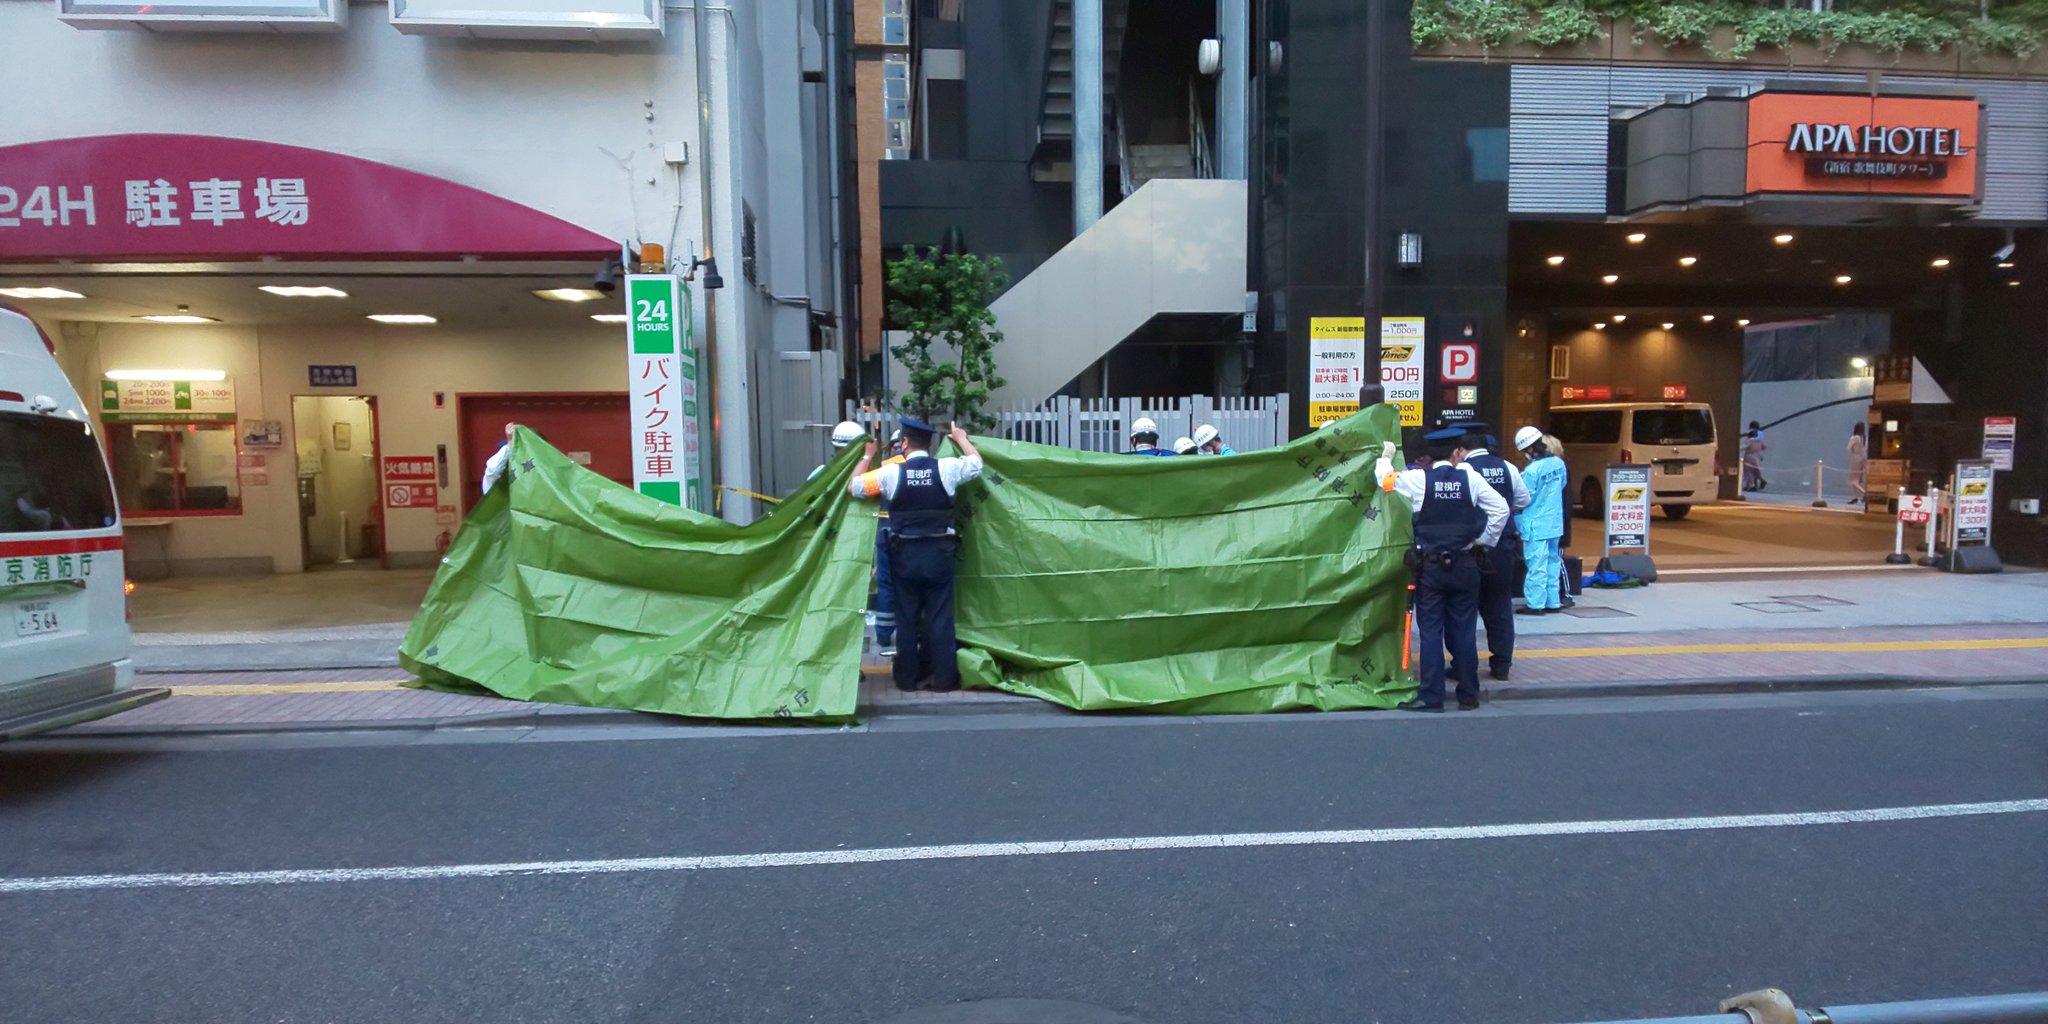 歌舞伎町のアパホテルで飛び降り自殺の現場の画像